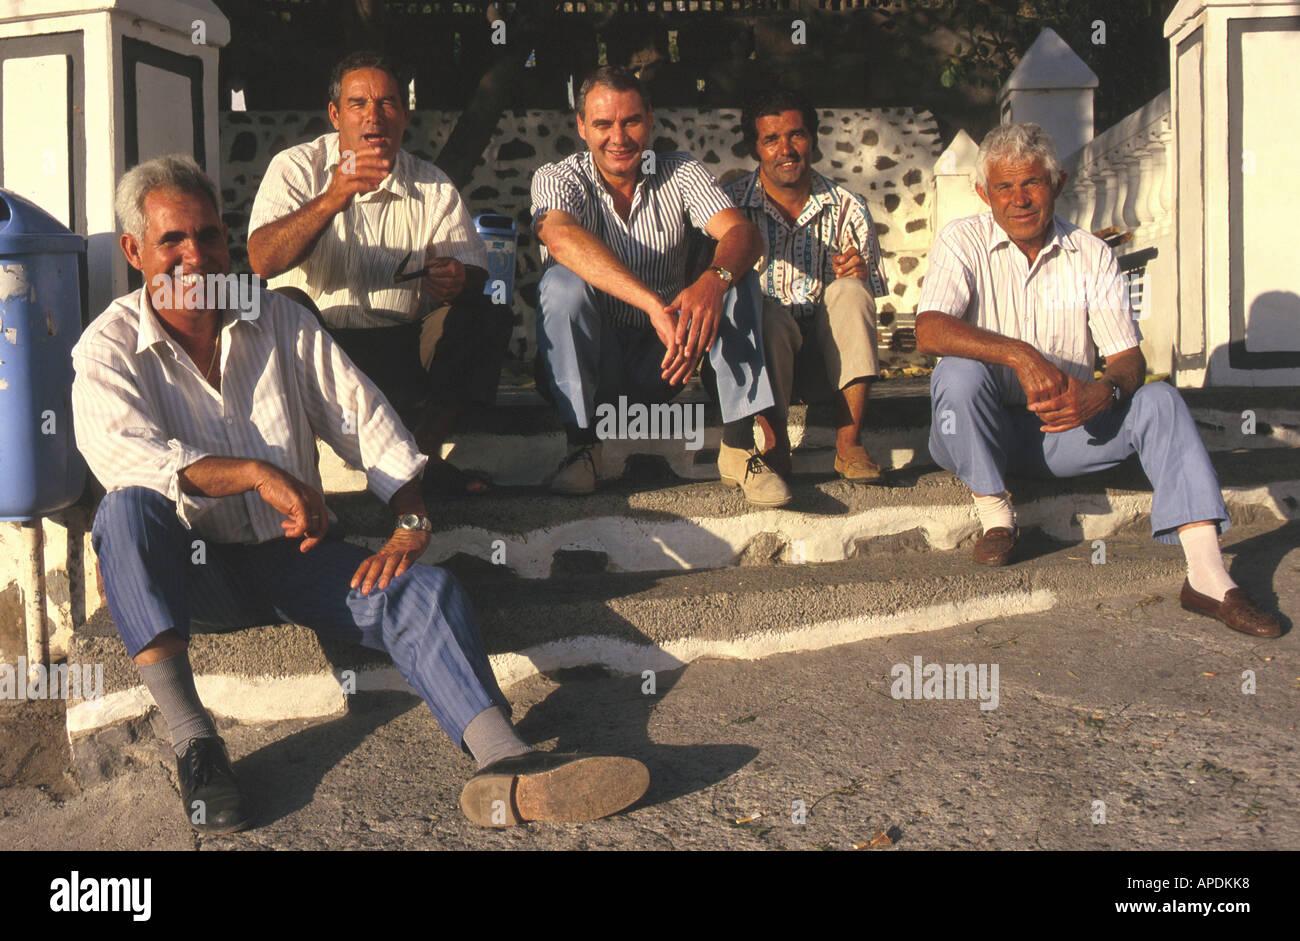 Maenner am Dorfplatz, El Risco, Agaete, Gran Canaria, Kanarische Inseln Spanien, STUeRTZ S.57 - Stock Image